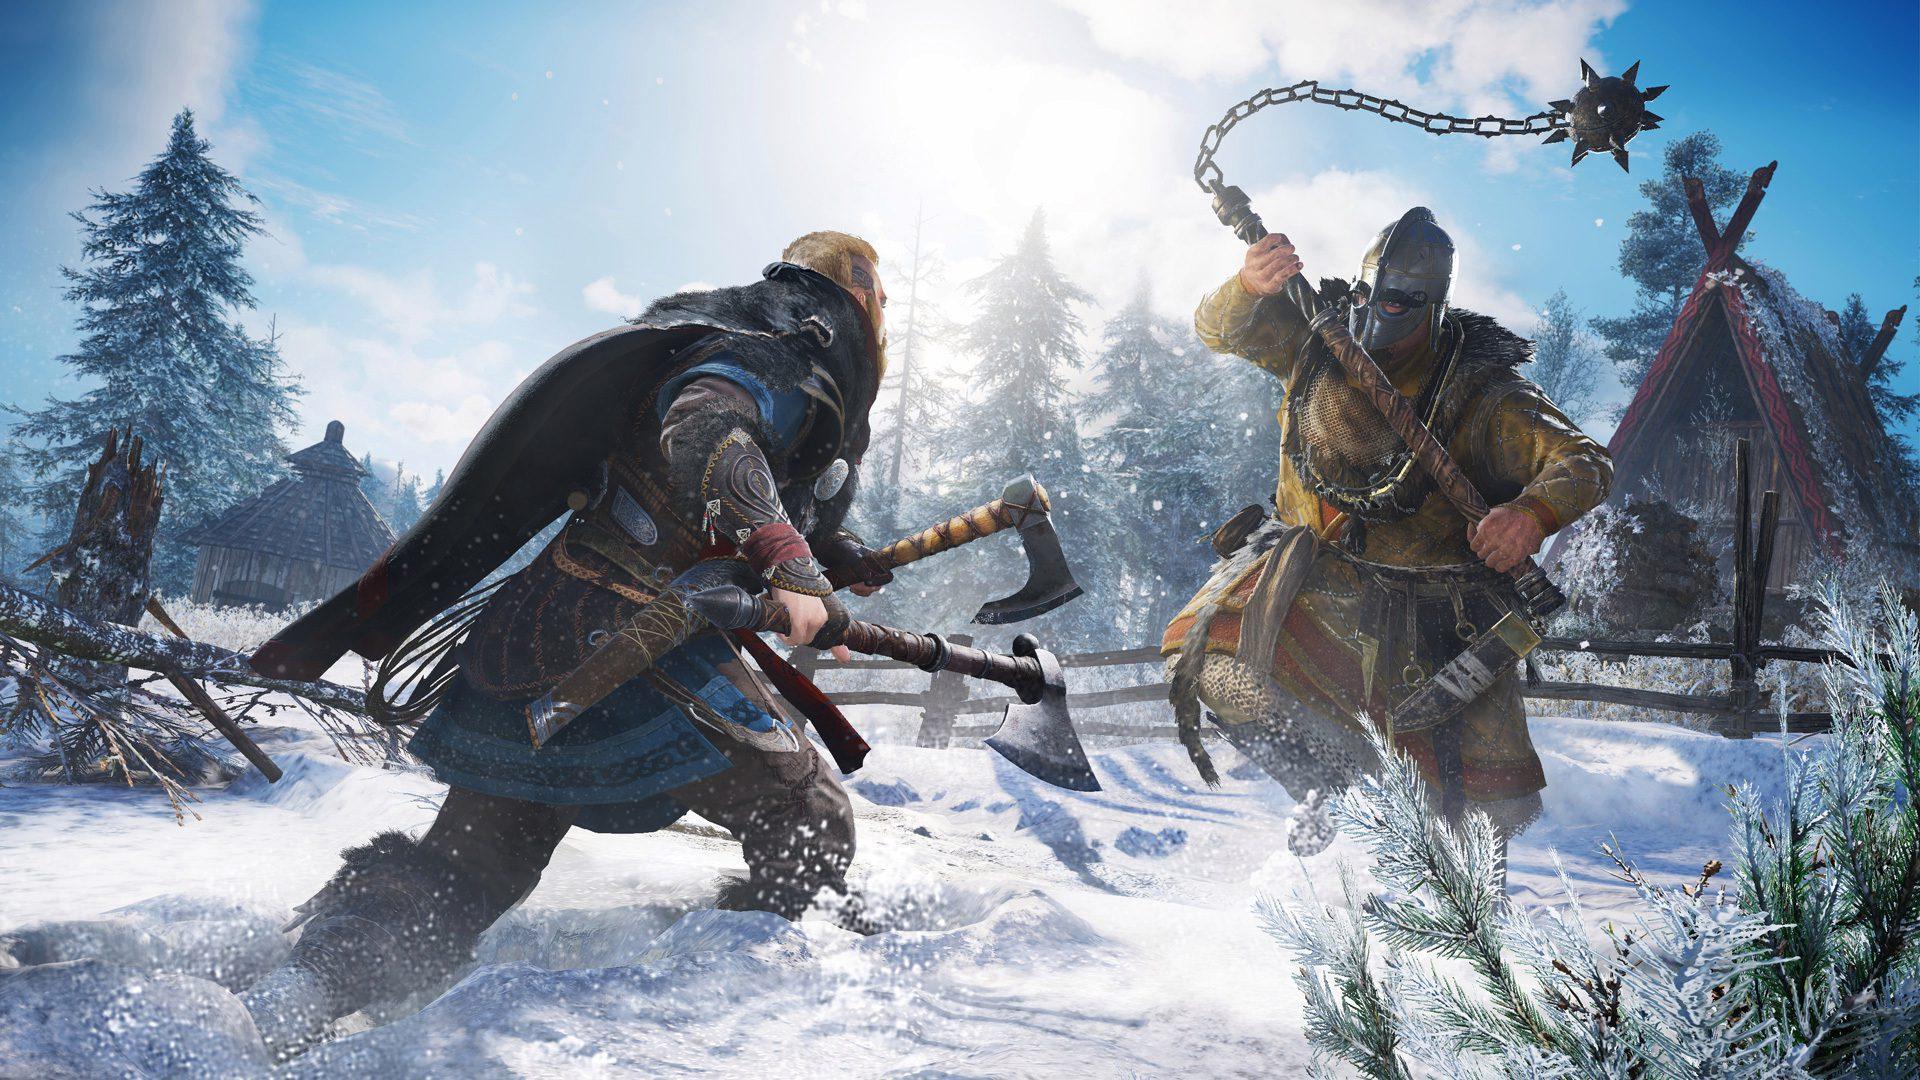 Primeiro, veja a jogabilidade de Assassin's Creed Valhalla, revelando ataques, combates e muito mais